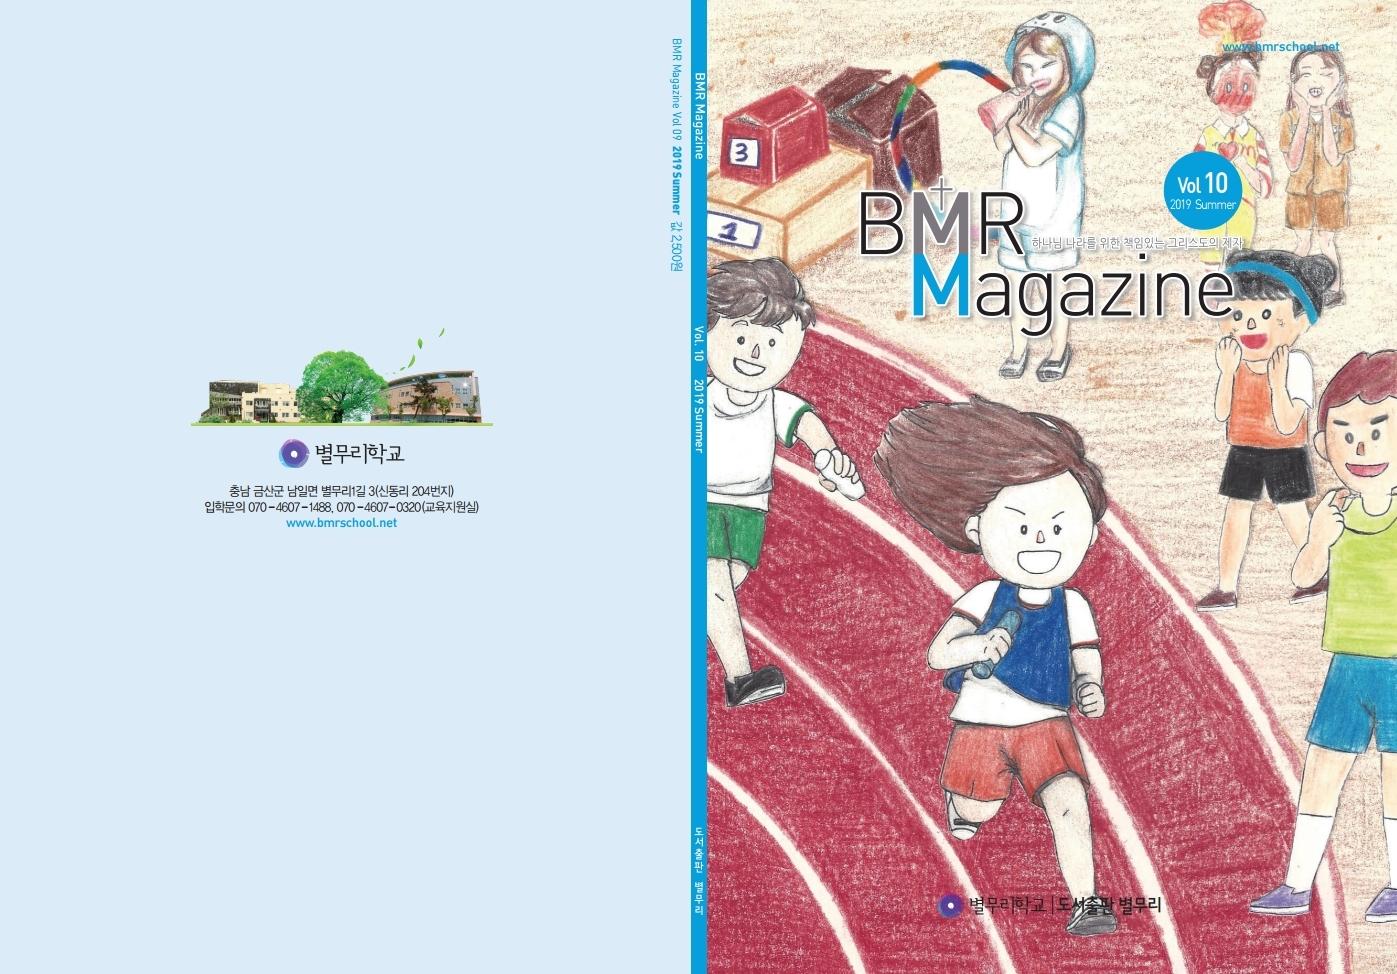 5-3. 학생주도형 출판 및 미디어 활동